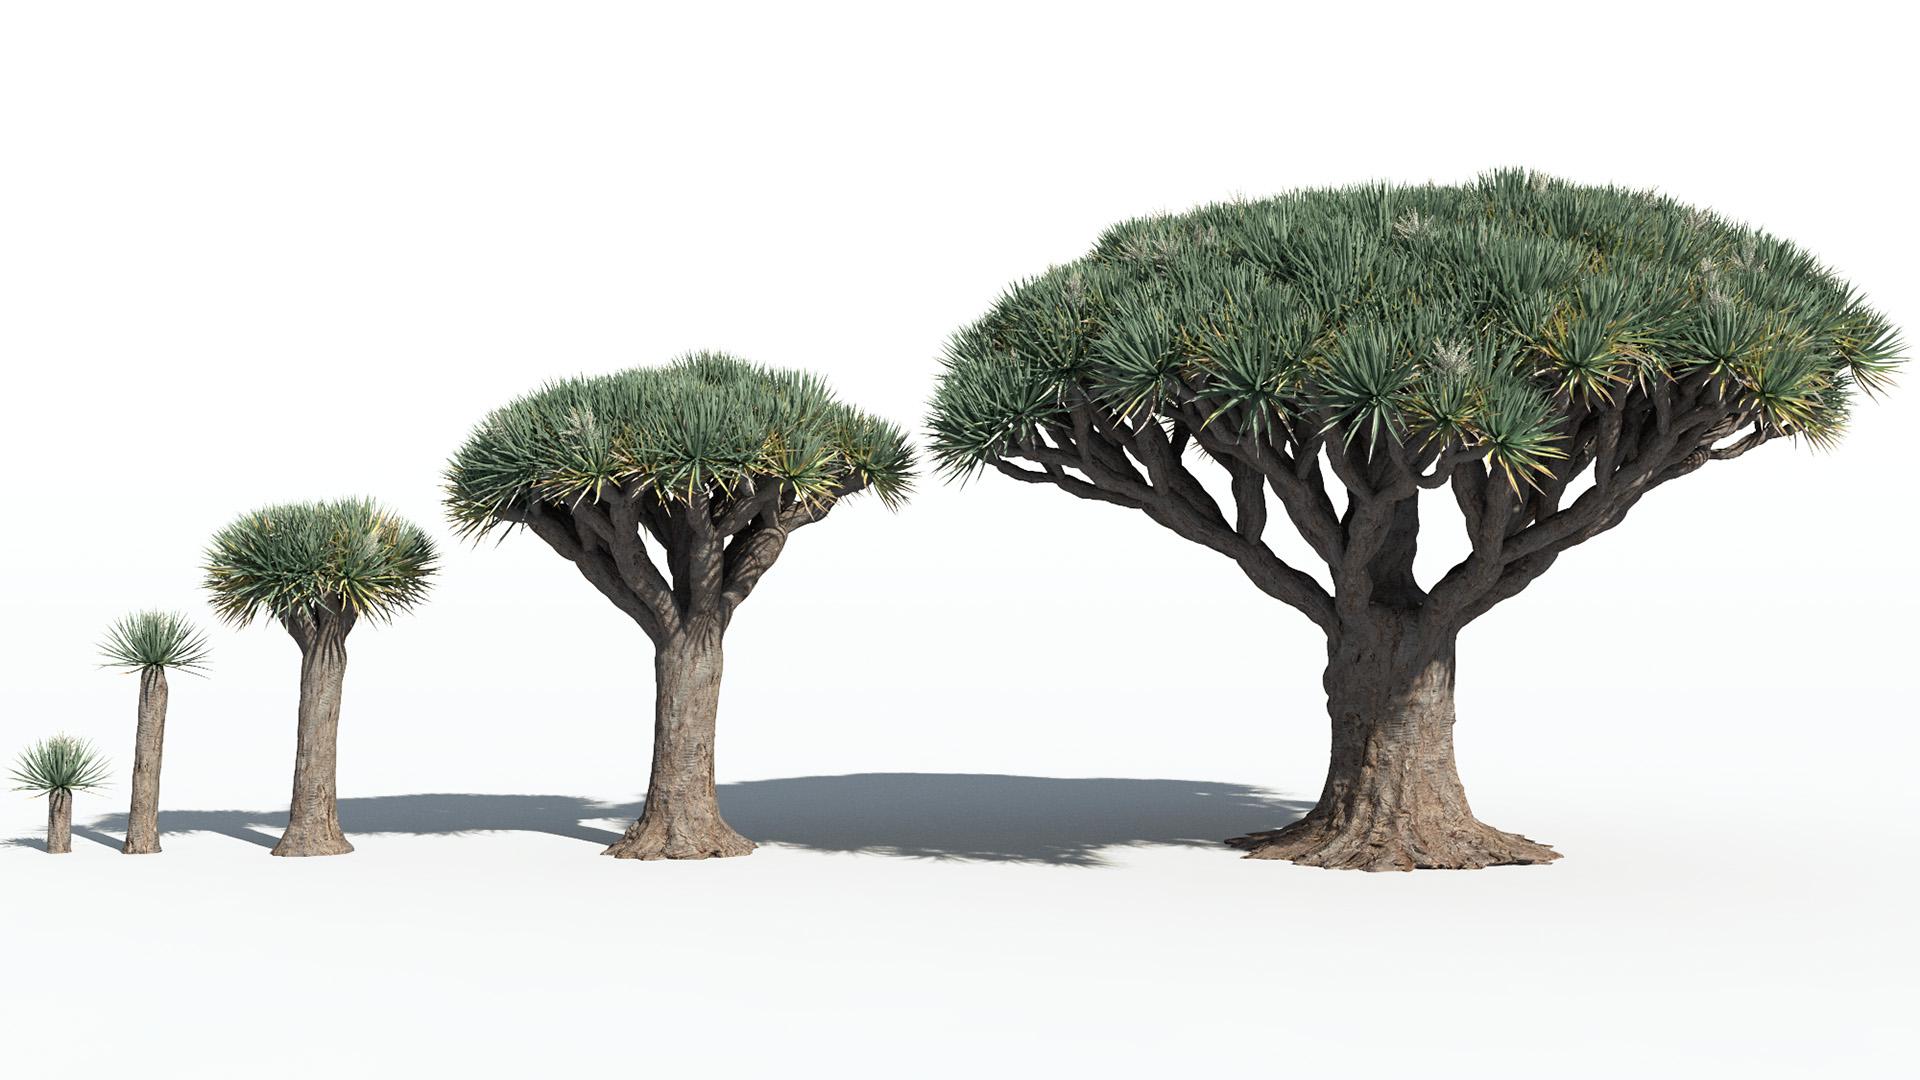 3D model of the Dragon tree Dracaena draco maturity variations